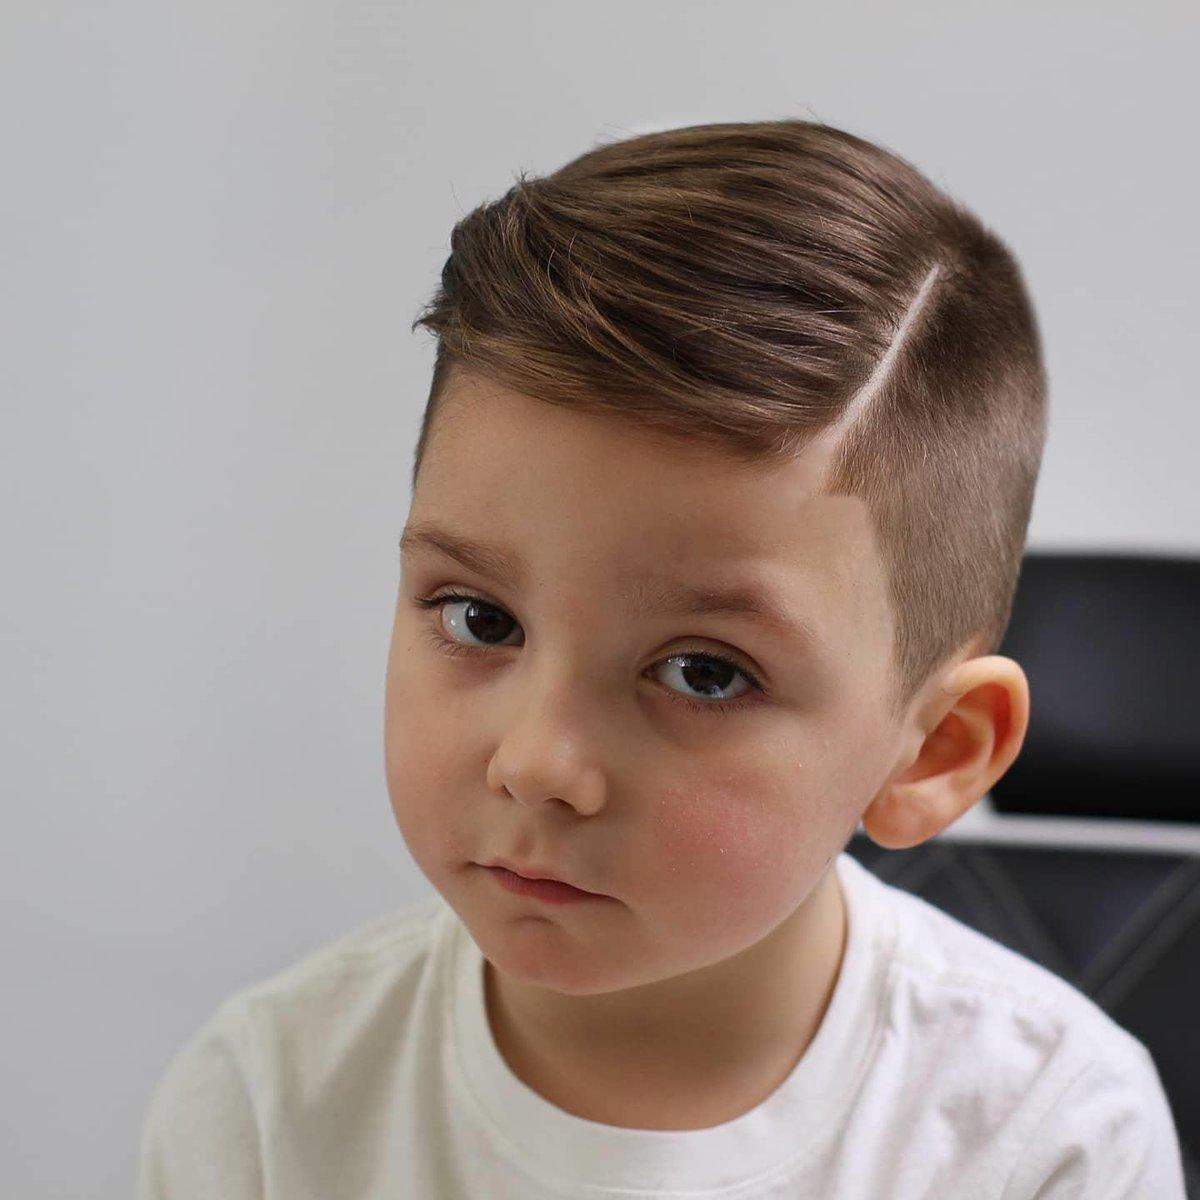 #lospequesLBdV 😏 SOIS LOS MEJORES!!! Pide tu cita en el 986135733 o las 24h en nuestra web  #LaBarberiaDeVigo #haircut #vigomola #vigo #galifornia #hair #galicia #hairlovers #hairmenstyle #style #styleformen #kids #kidshair